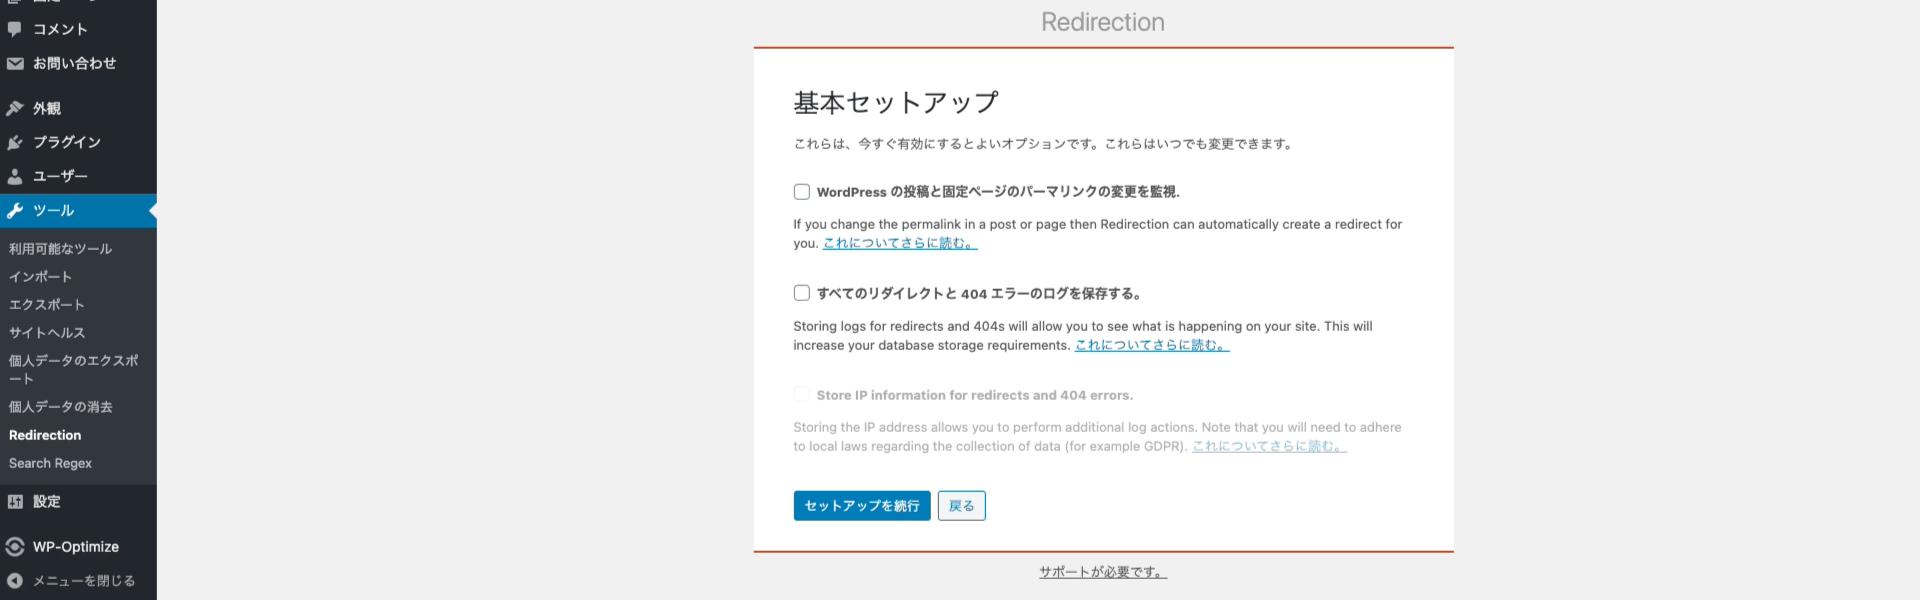 セットアップのオプション設定&続行「Redirection」プラグイン